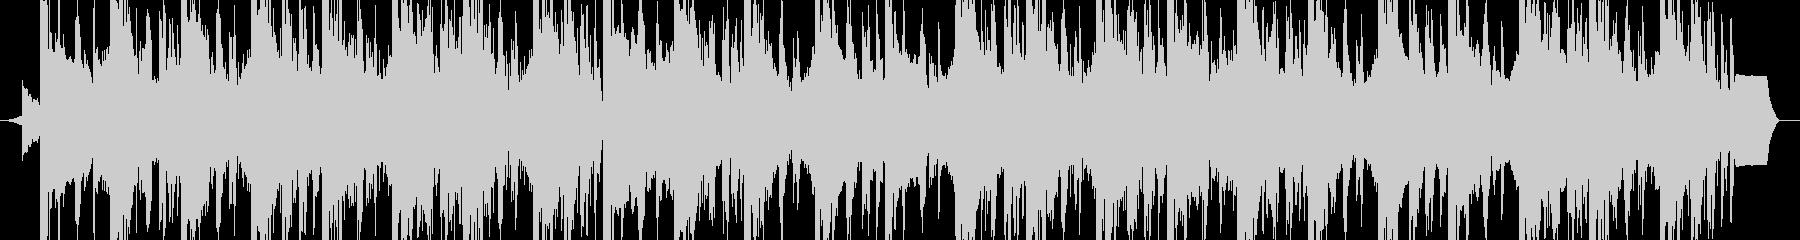 代替案 ポップ トラップ ヒップホ...の未再生の波形